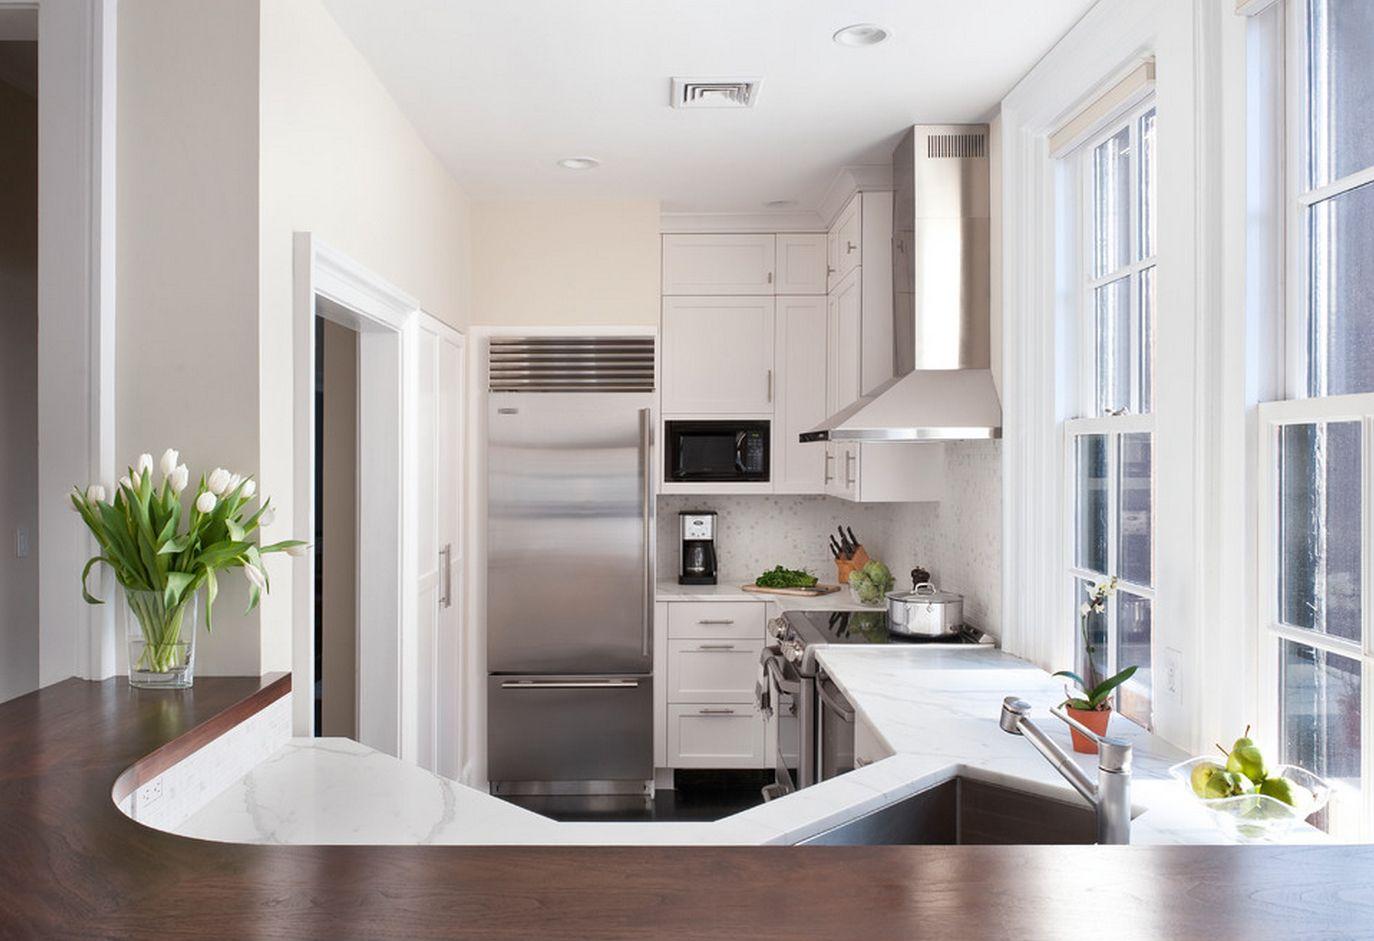 Использование барной стойки при кухне небольших размеров